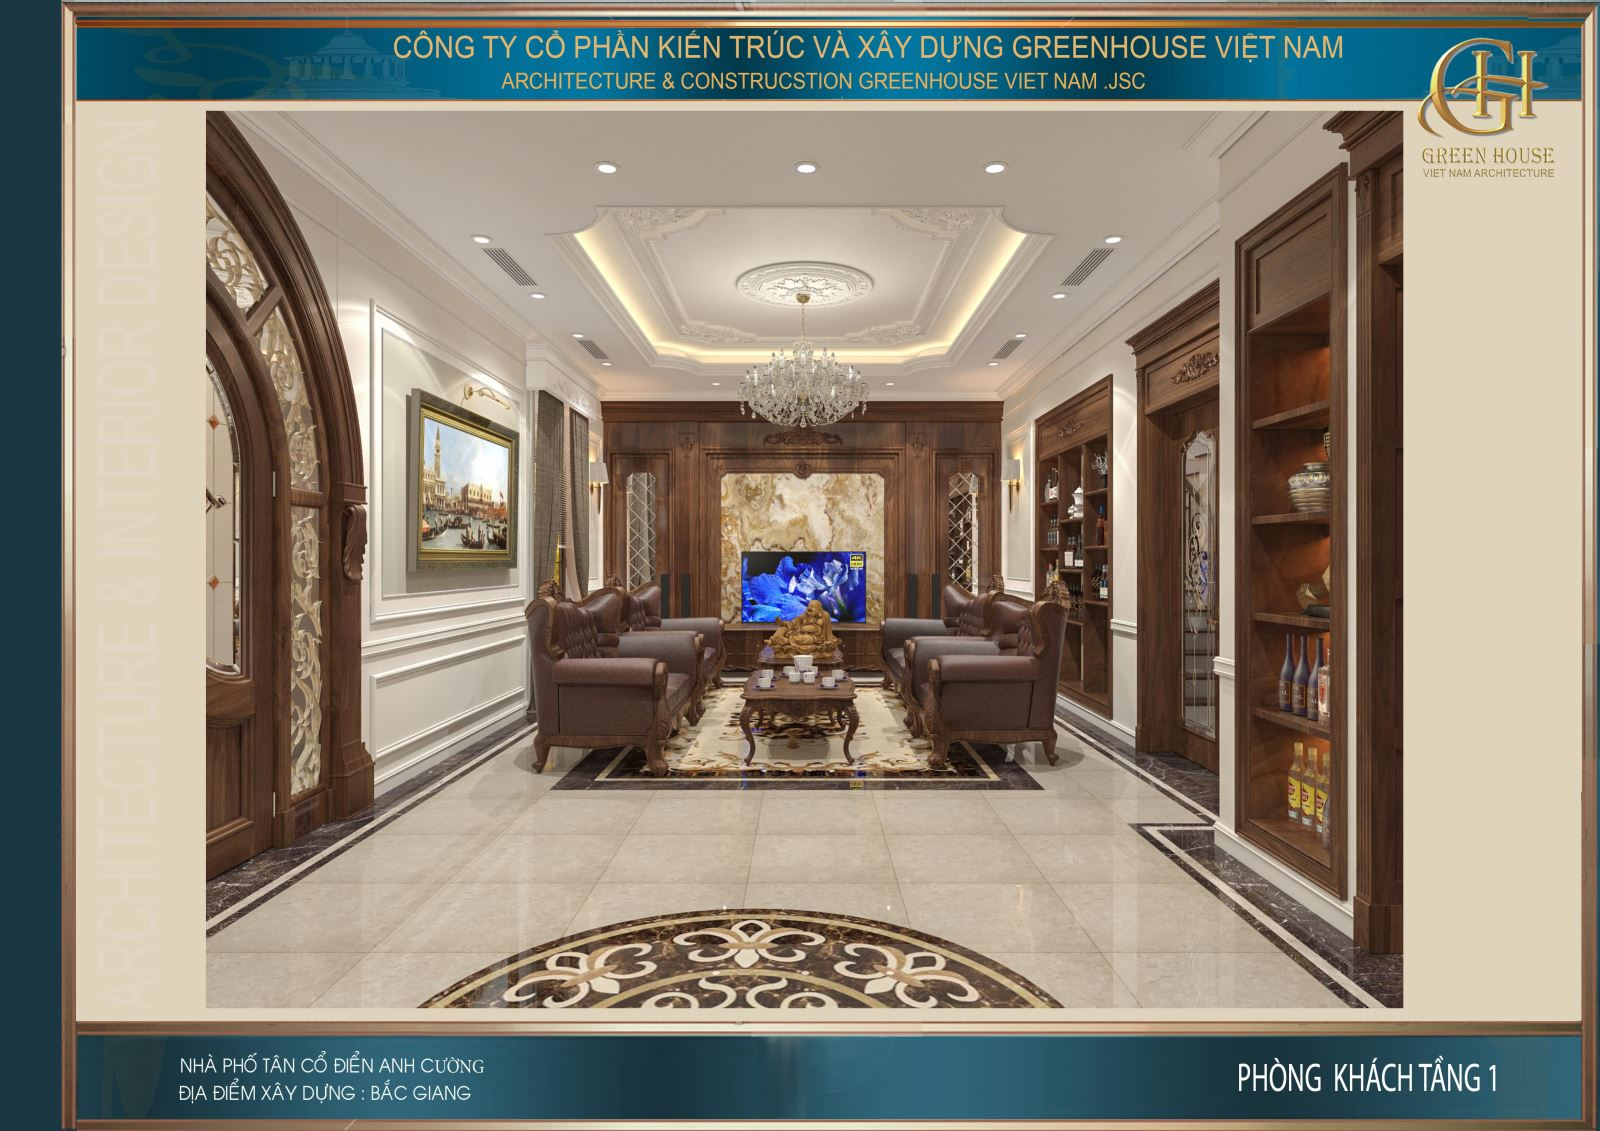 Không gian phòng khách đẹp đẳng cấp với màu sắc lịch lãm cùng thiết kế sang trọng